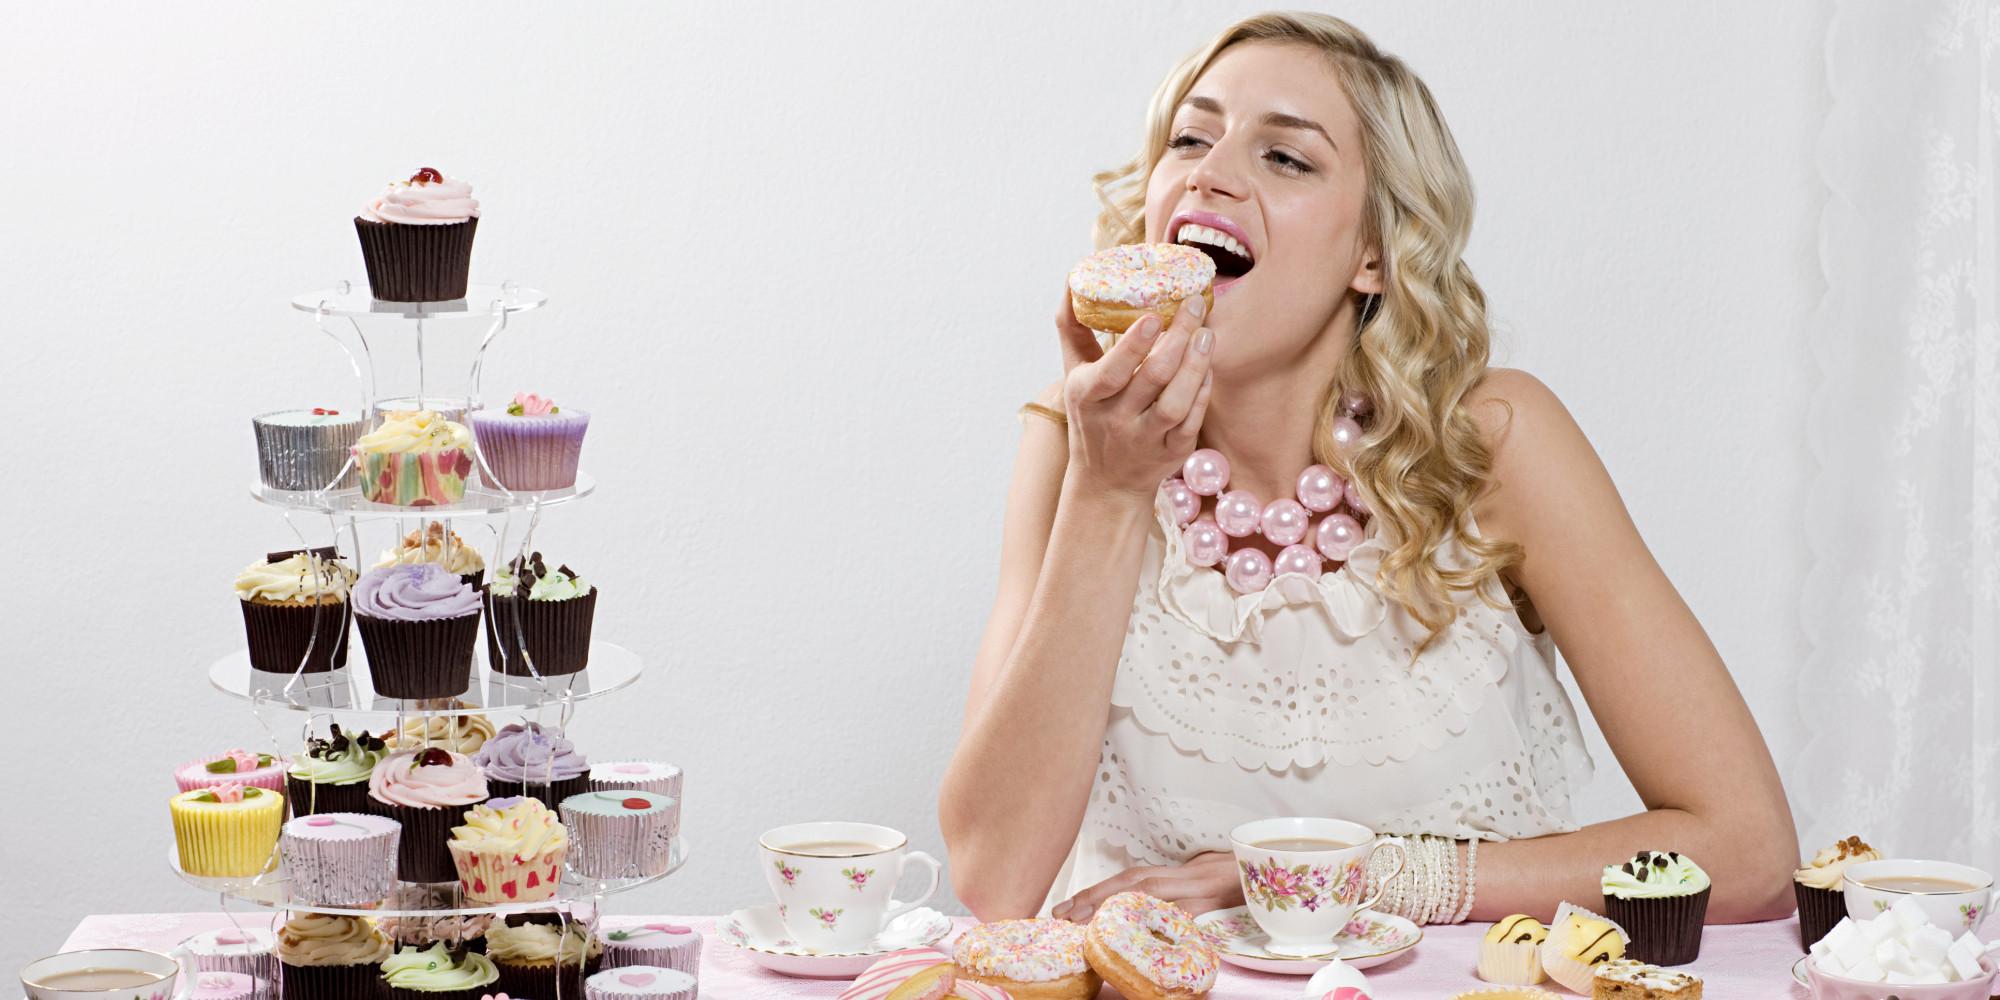 Фото девушек со сладостей